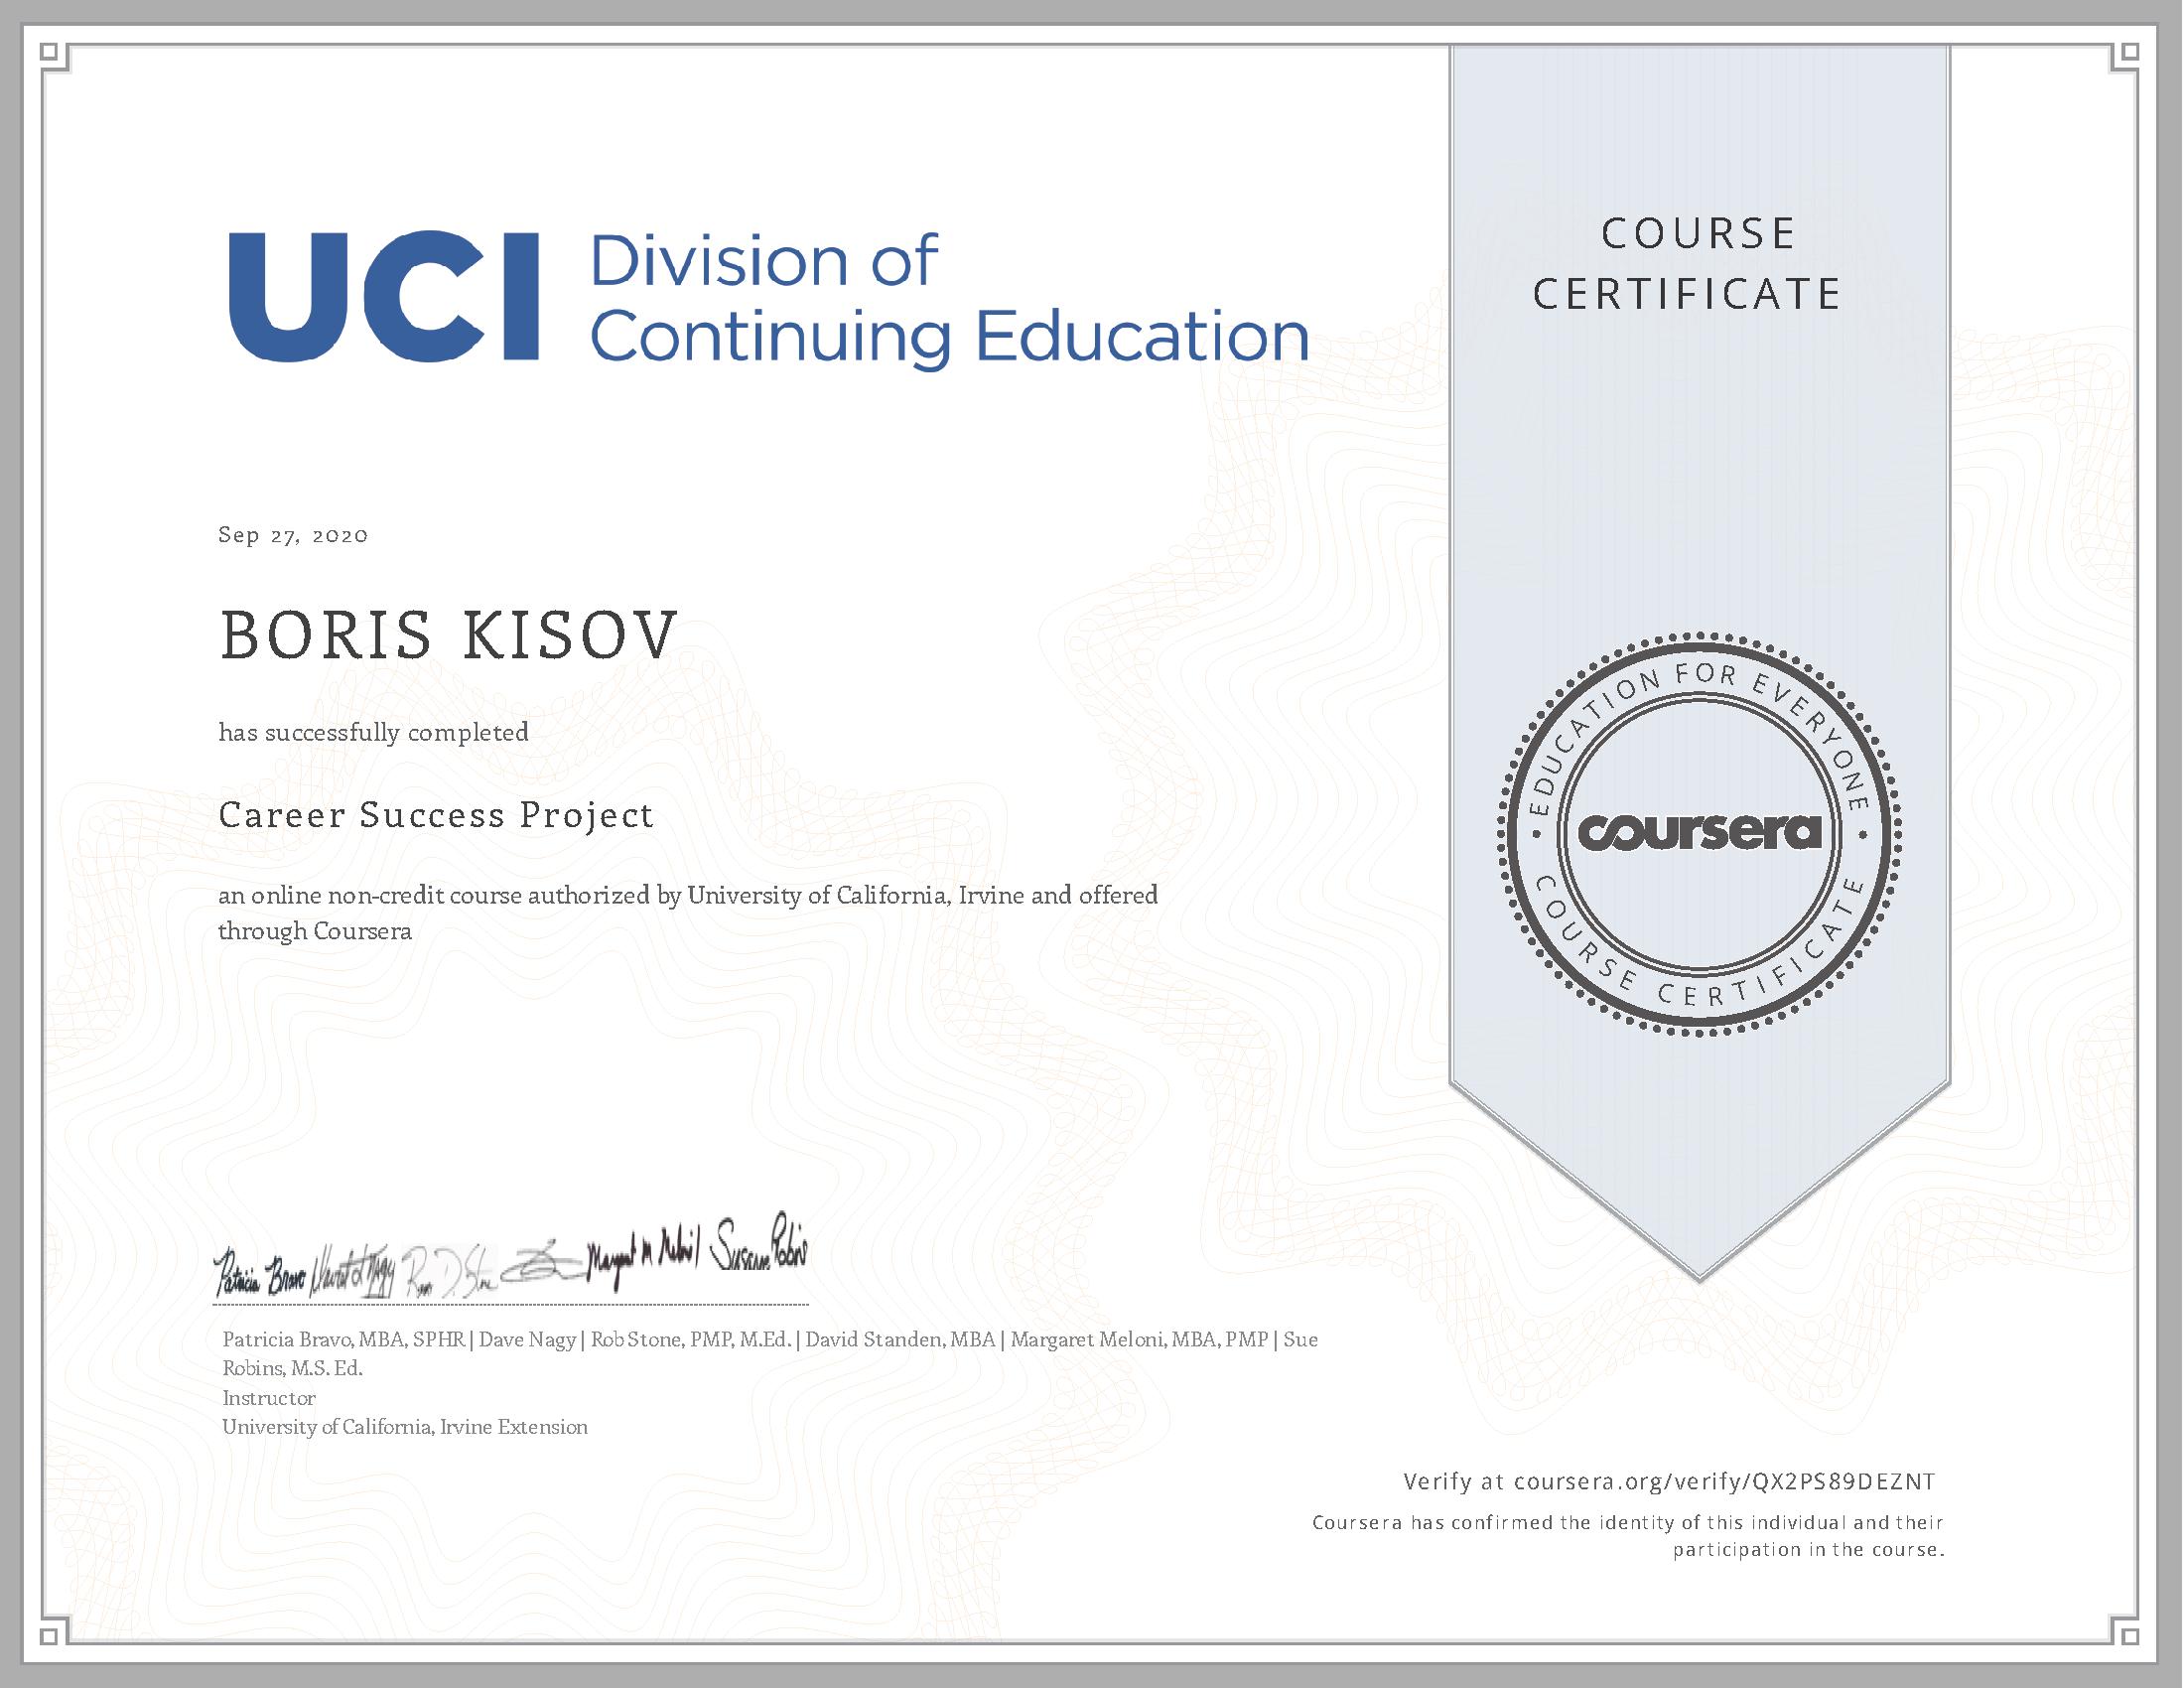 Career Success Project